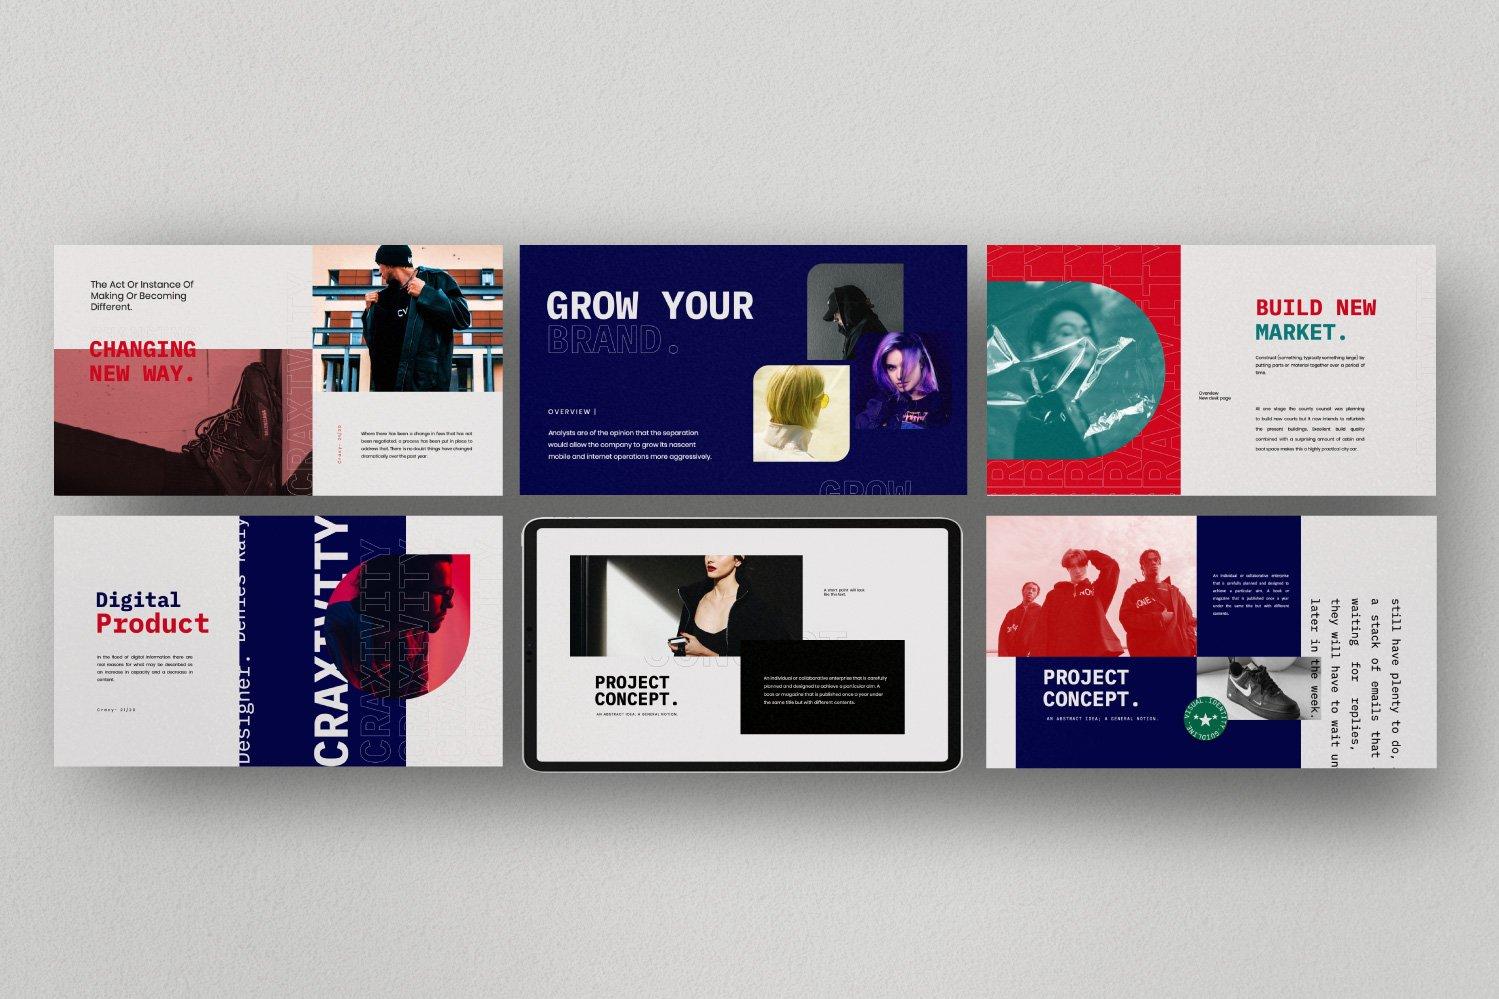 时尚潮流商业策划书幻灯片设计模板 CRAXITVIY – Powerpoint插图(7)